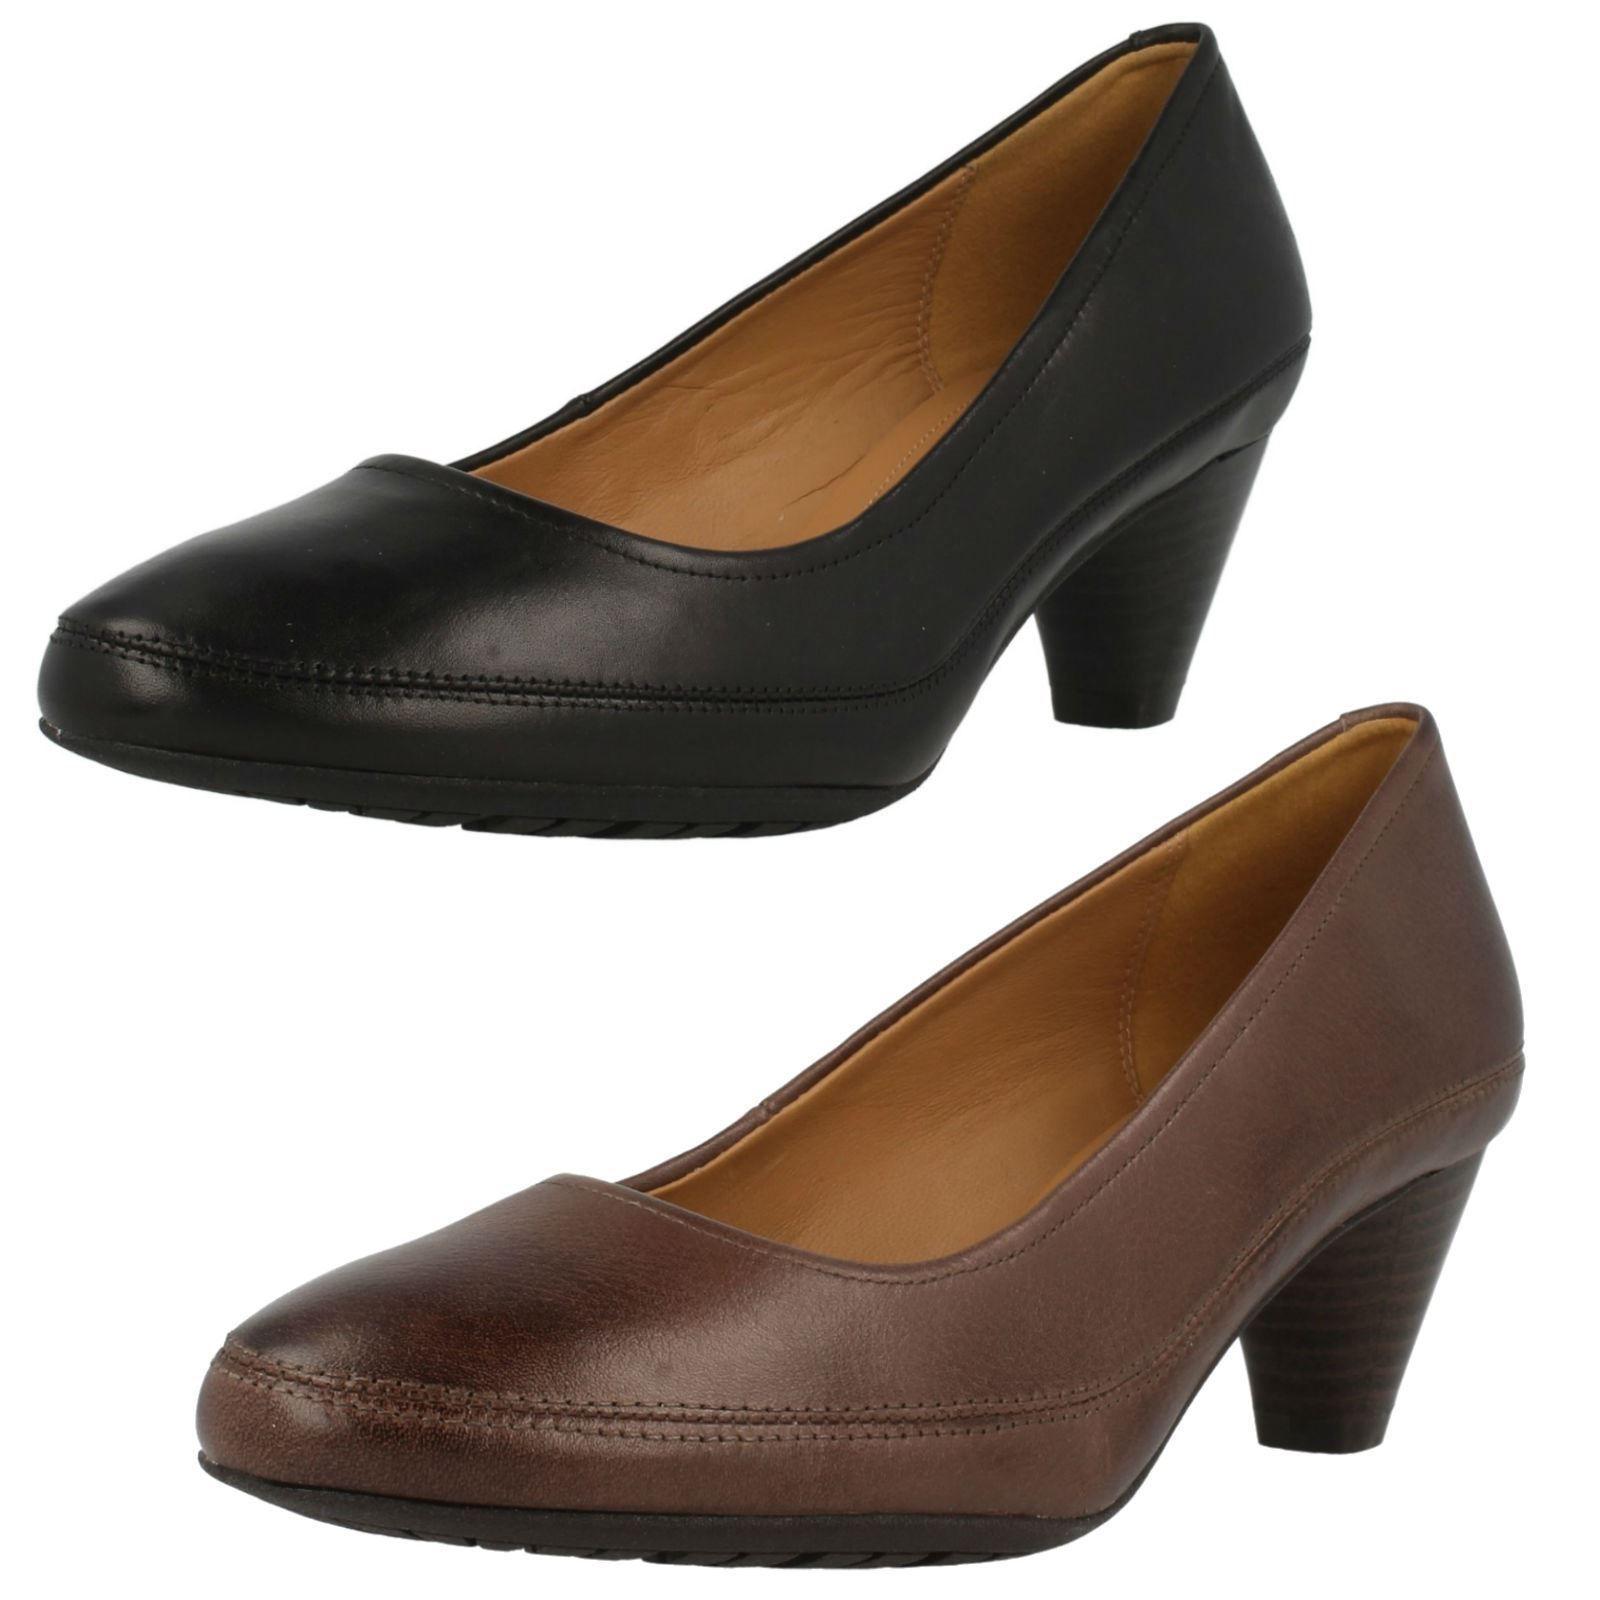 Mujer Clarks Denny Suave Elegante Zapatos de salón tacón medio Estándar D &